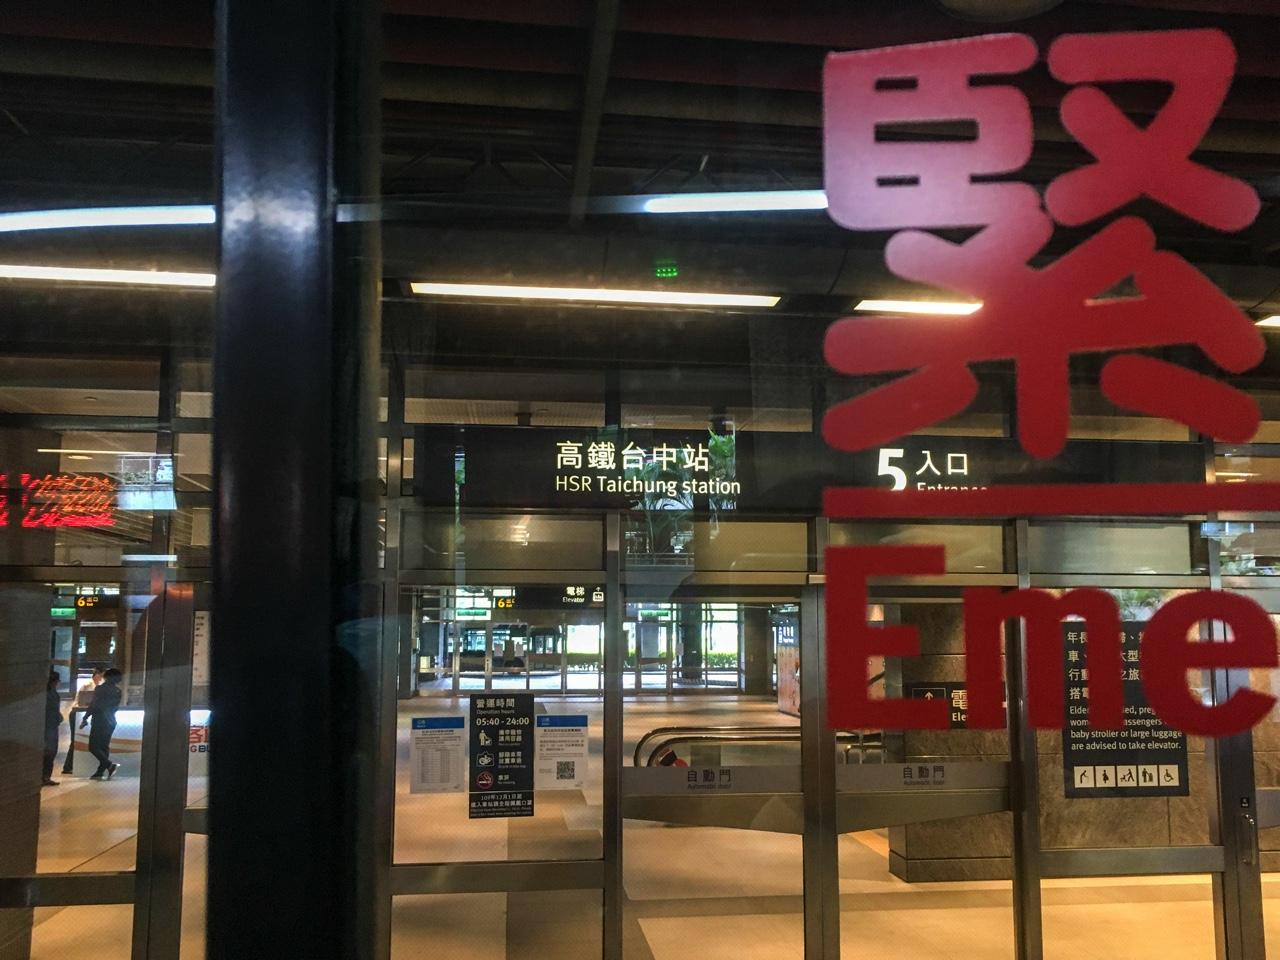 台中新幹線駅1階5番出口